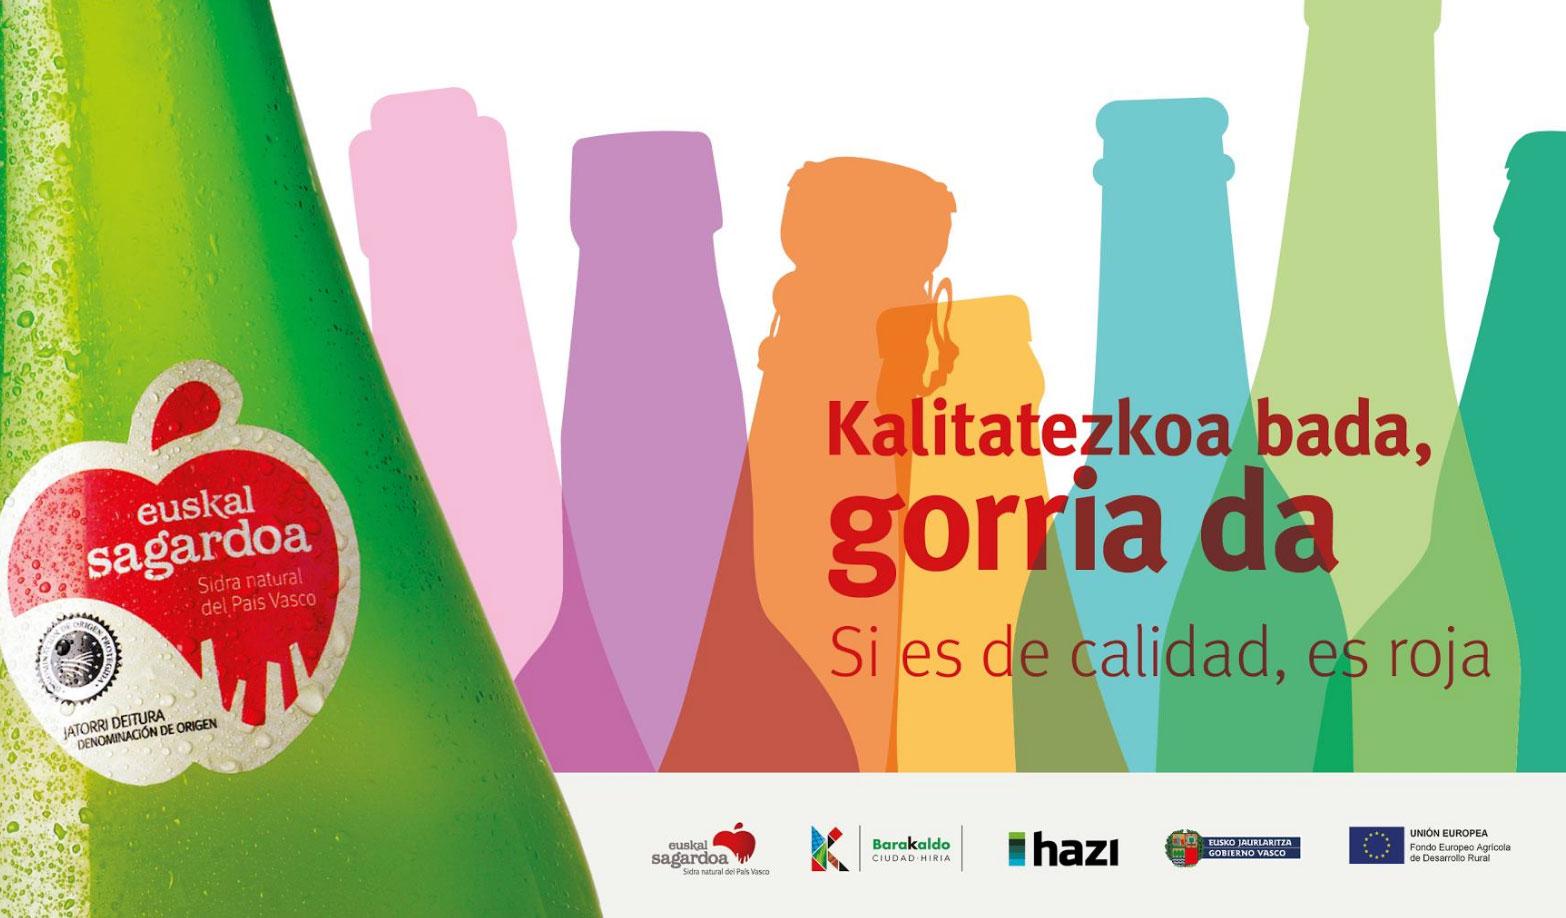 El 30 de noviembre se celebrará Euskal Sagardo Eguna en Barakaldo